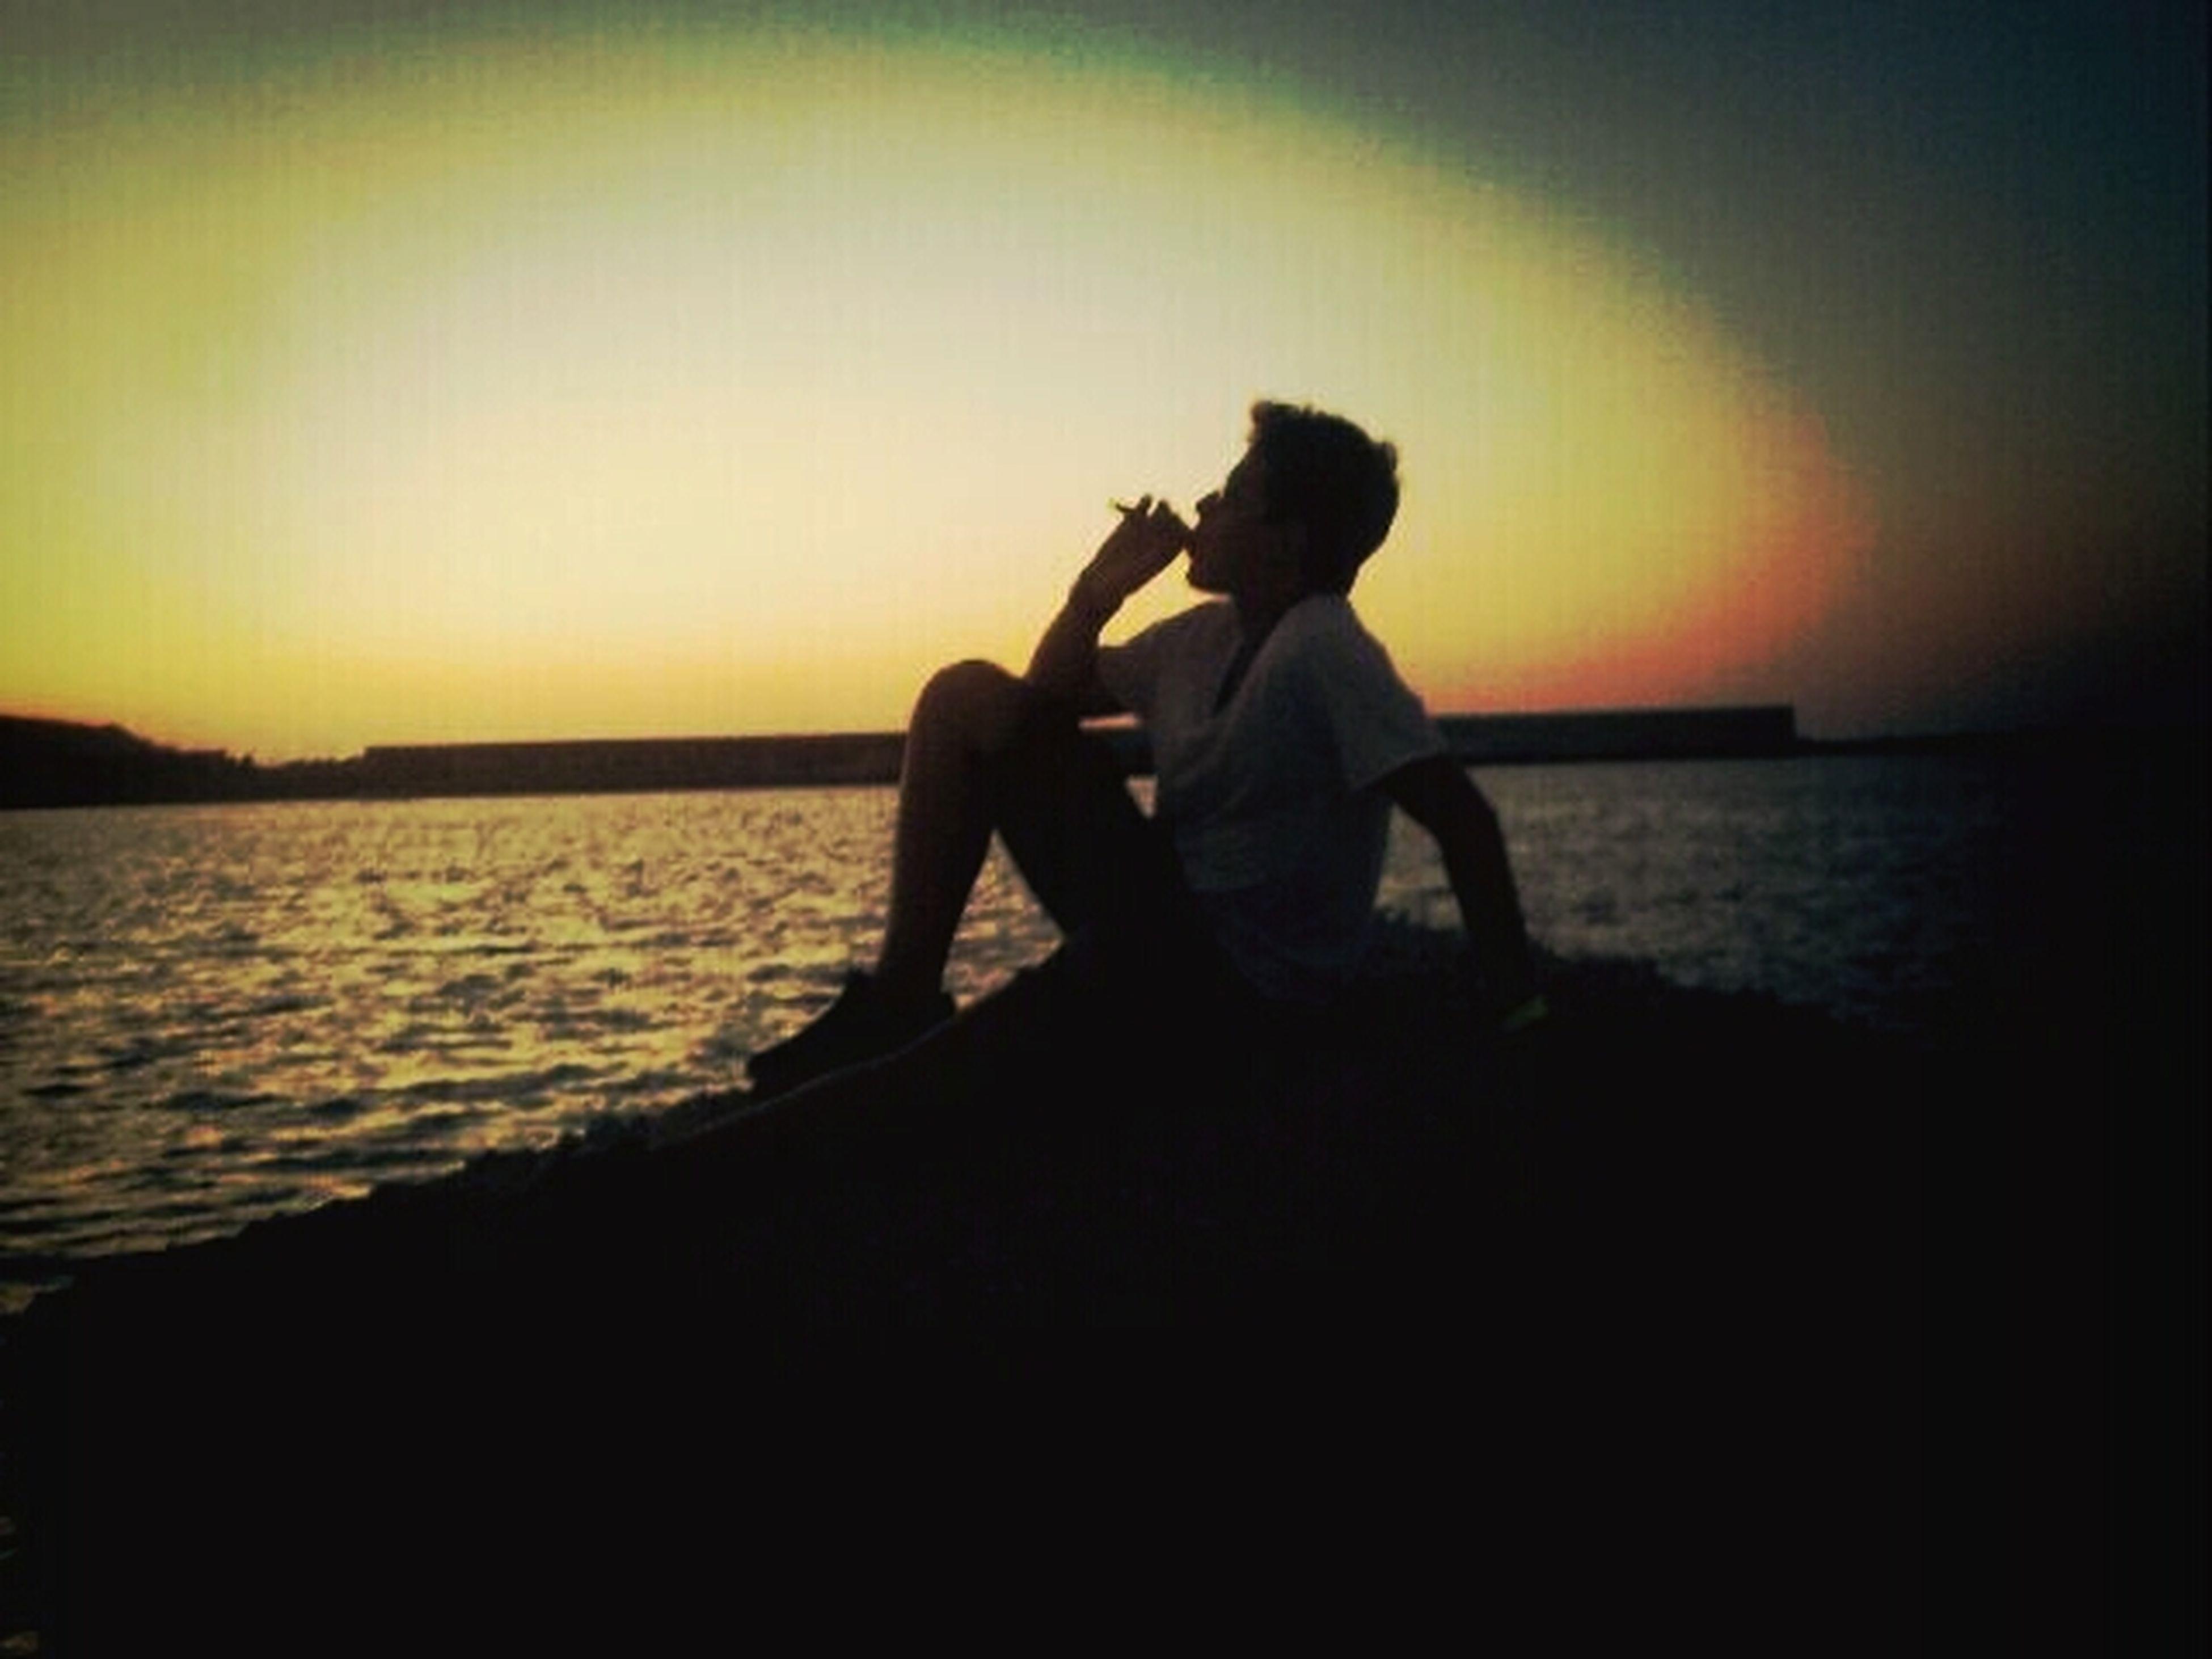 tramonto siciliano